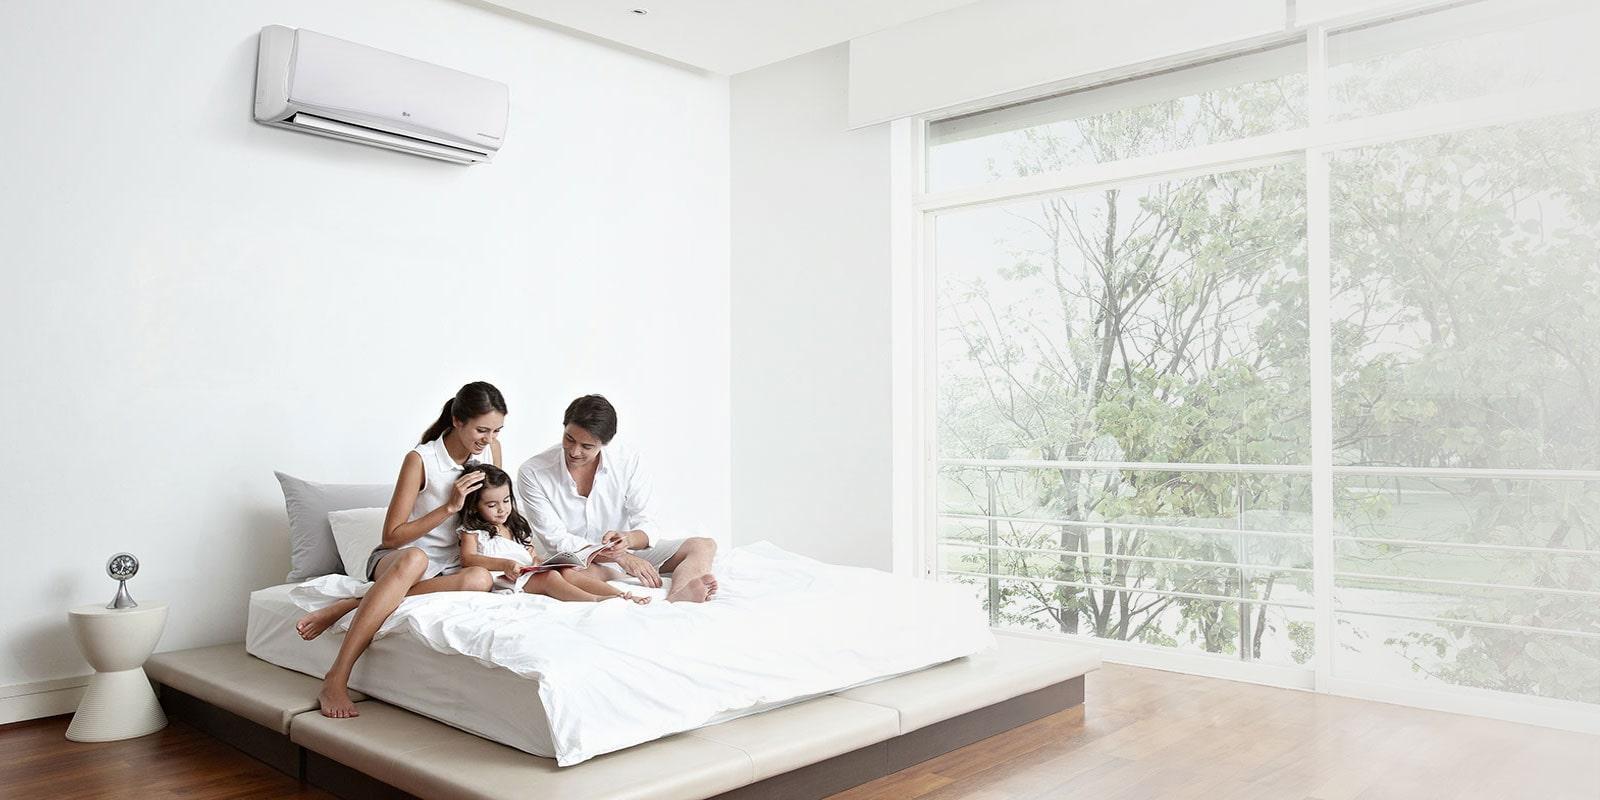 Room Cooler Aire Acondicionado Lg Tu Ambiente Siempre Fresco Lg Per 250